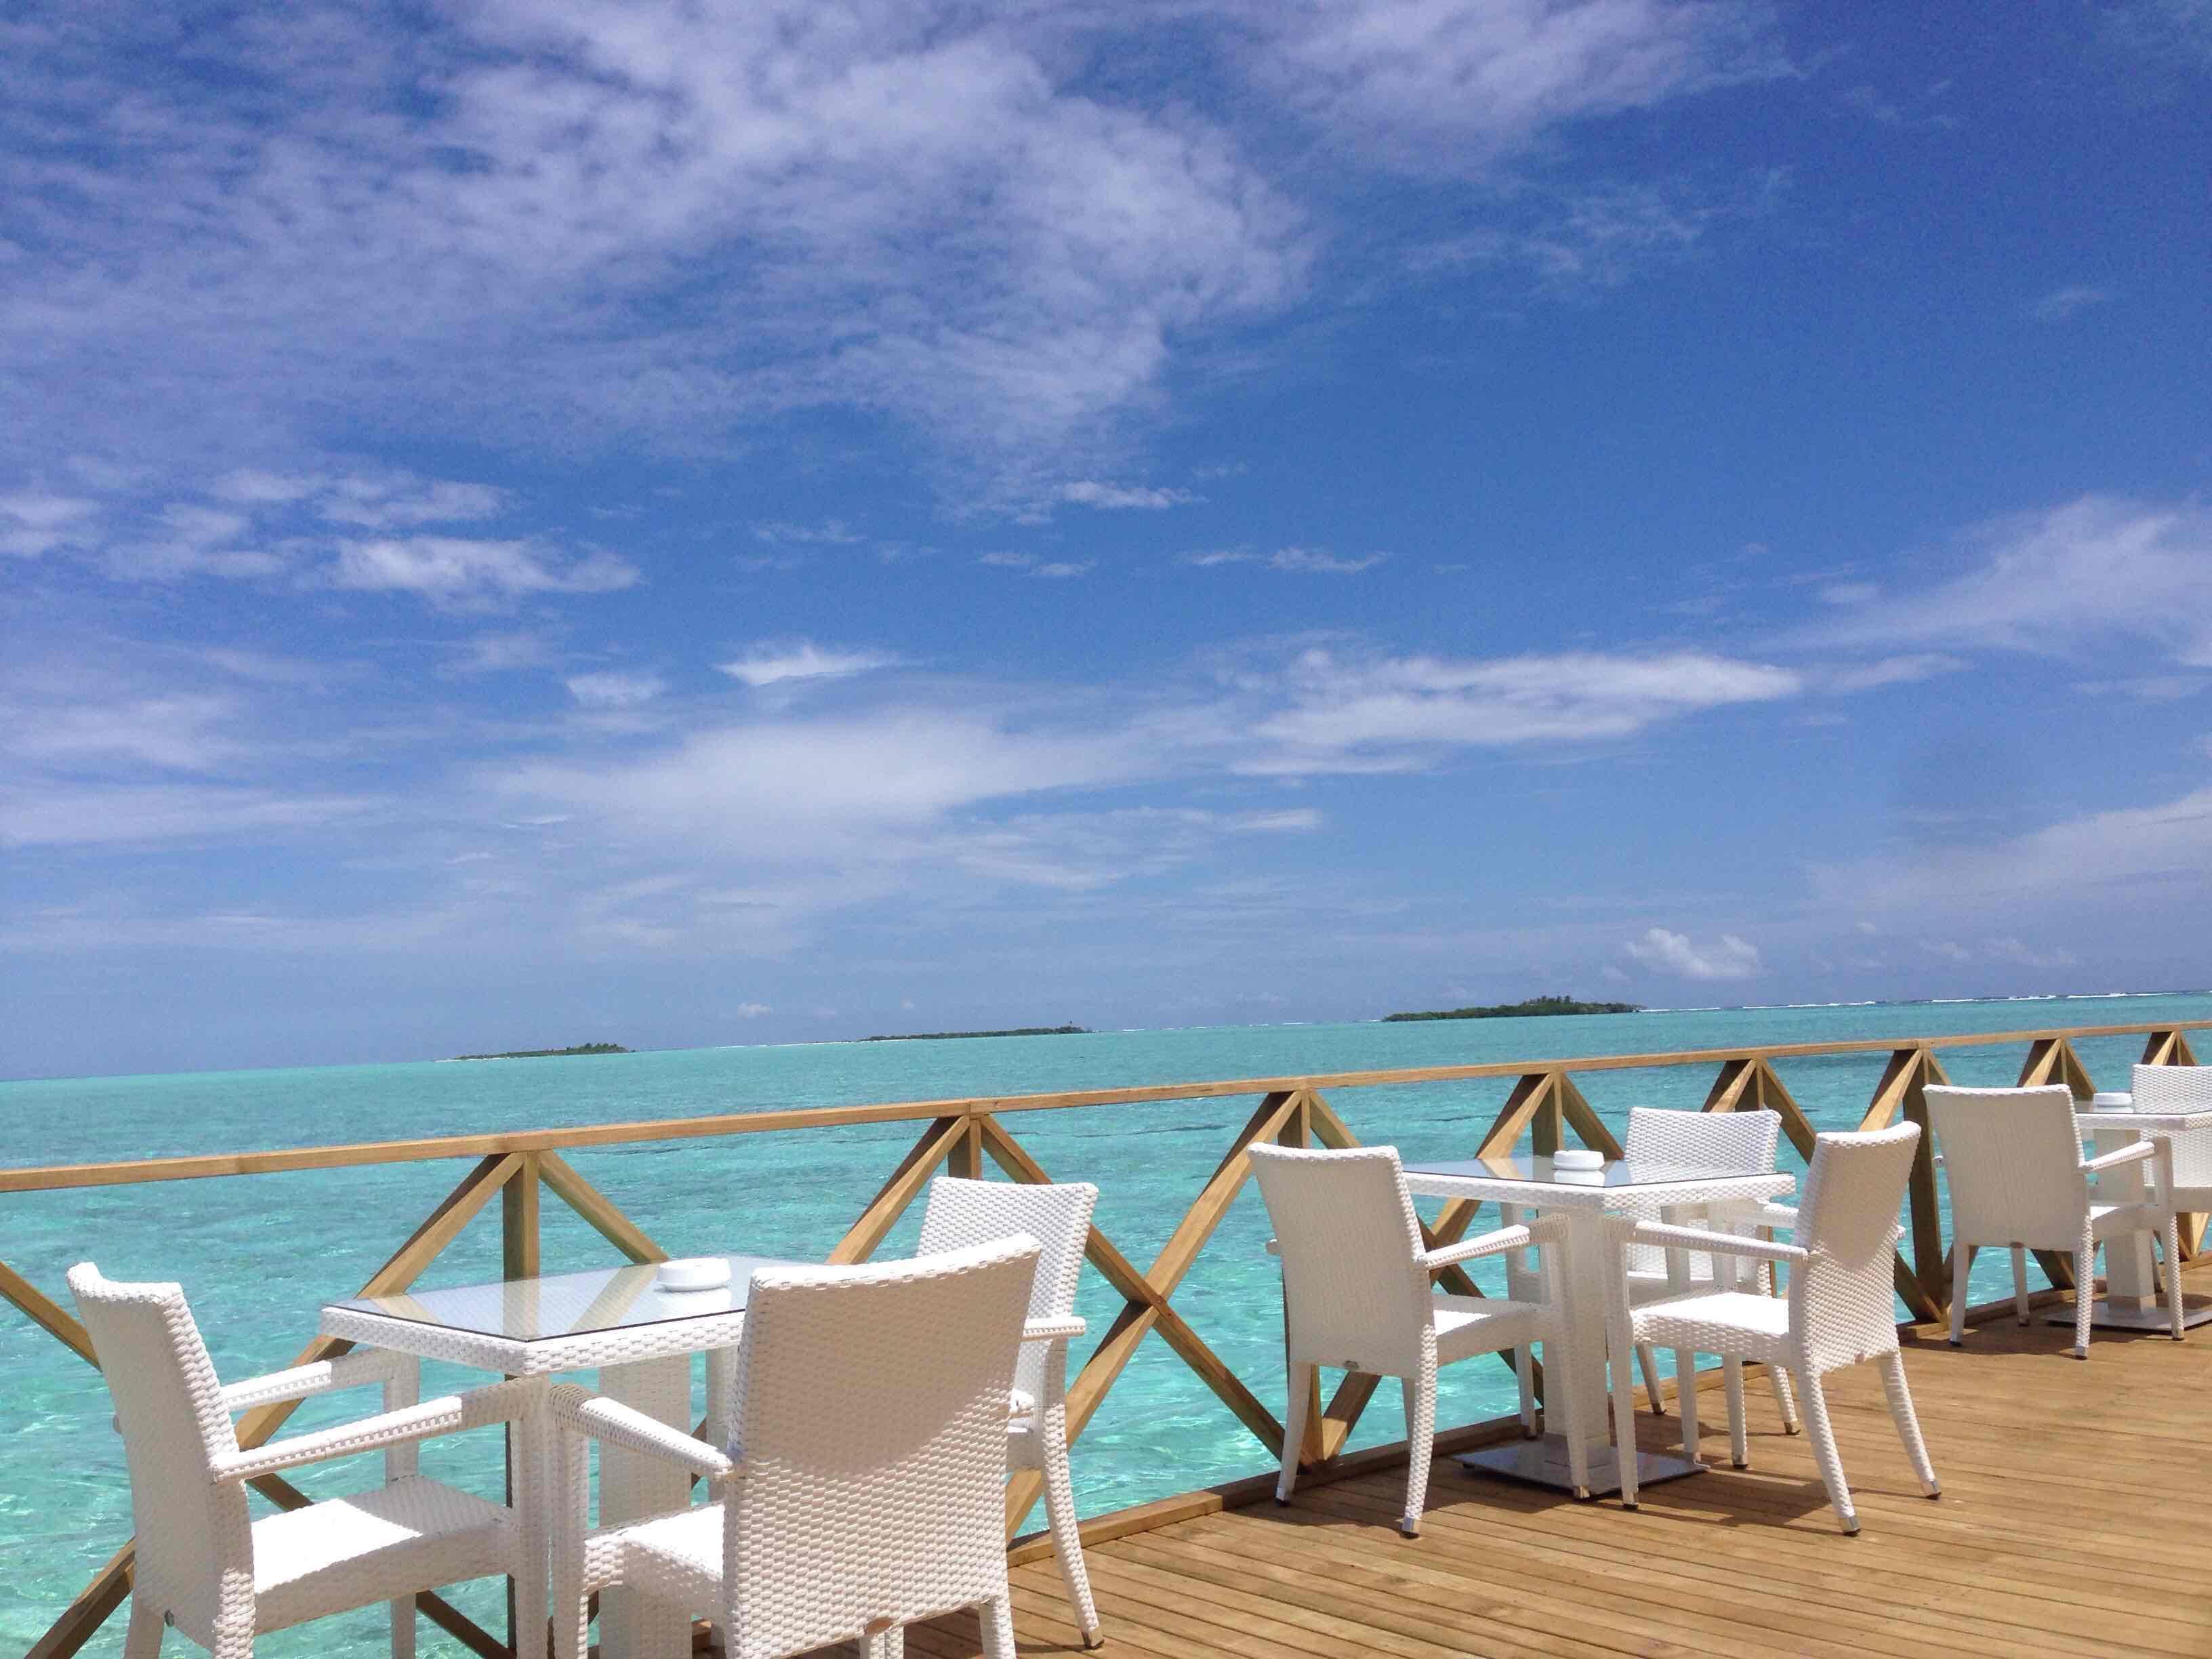 马尔代夫哈库拉岛 chaaya lagoon hakuraa 4晚6天自由行>上海出港,美